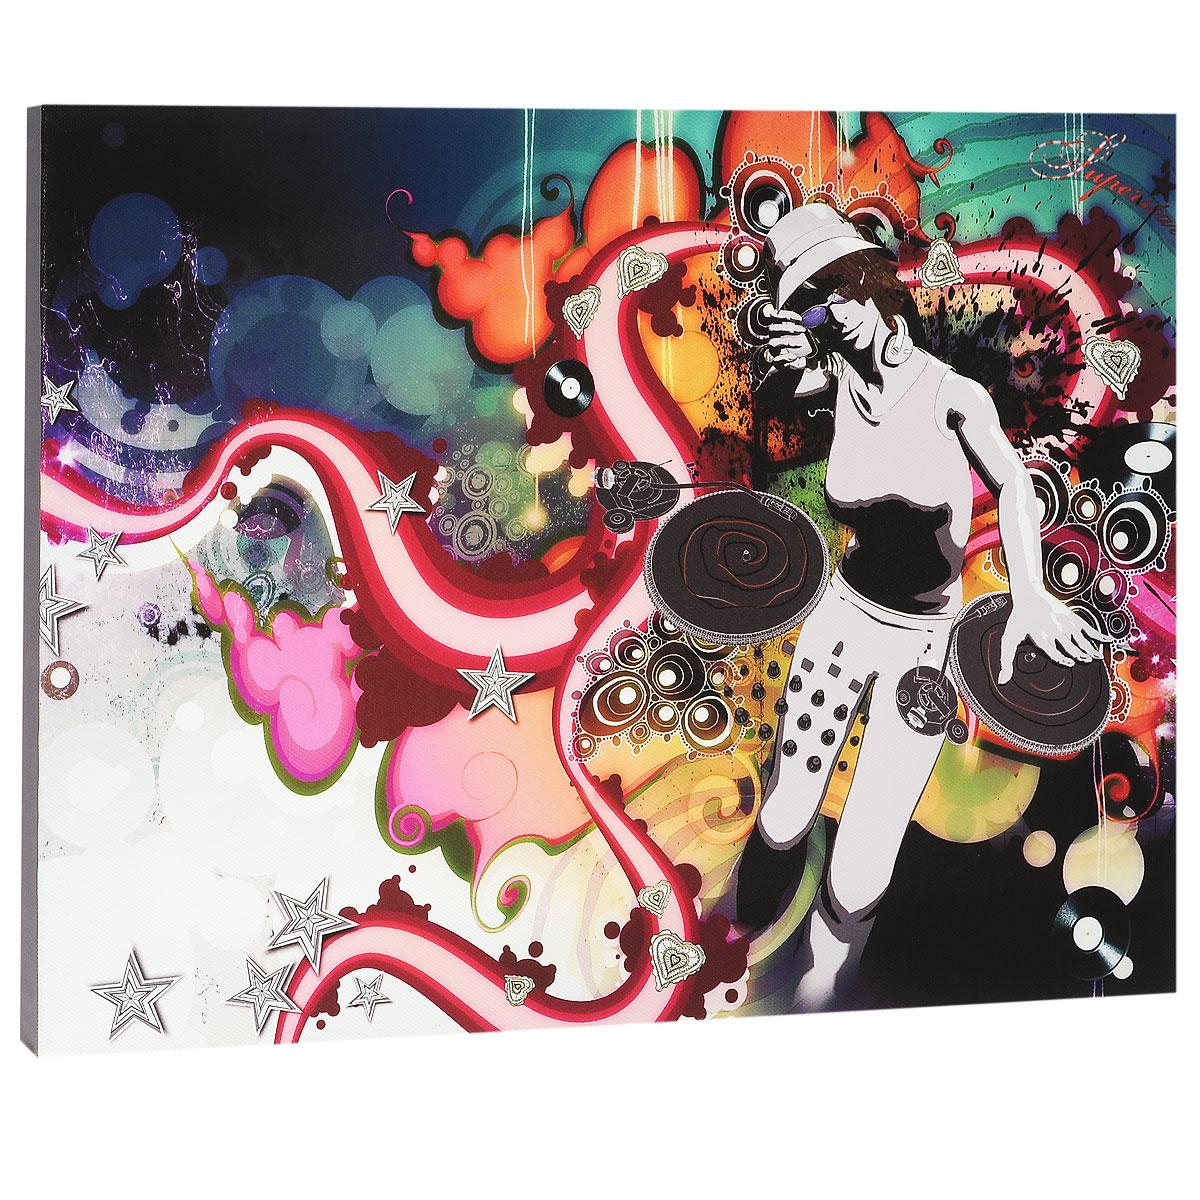 КвикДекор Картина на холсте Диджей, 40 см х 30 см1384Картина на холсте КвикДекор Диджей - это прекрасное украшение для вашей гостиной или спальни. Она привнесет в интерьер яркий акцент и сделает обстановку комфортной и уютной. A.k.A - лондонская студия-бутик, включающая в себя творческую группу художников, которые часто работают в тесном сотрудничестве друг с другом. Их работы были отмечены по всему миру для таких крупных компаний, как Dreamworks, Pepsi, Random House, Ford, Avia, Mazda, Future, TIME, Phillip Morris, Bacardi и многие другие. Студия A.k.A была даже номинирована на Оскар, как независимая студия анимации в Лондоне. Их работы создаются с помощью сочетания фотографий, 3D-моделирования, обработки в Photoshop, традиционного ретуширования, рисунка карандашом, векторной графики и пера и чернил. Этот уникальный и многоплановый стиль делает студию A.k.A выдающейся. Работы художников-дизайнеров студии сразу бросаются в глаза и мало кого оставляют равнодушными. Картина на холсте КвикДекор Диджей не нуждается в рамке или багете - галерейная натяжка холста на подрамники выполнена очень аккуратно, а боковые части картины запечатаны продолжением картинки либо тоновой заливкой. На обратной стороне подрамника есть отверстие, благодаря которому картину можно легко закрепить на стене, и подкорректировать ее положение. Картина на холсте Диджей дизайн-студии A.k.A станет отличным украшением для вашего интерьера!